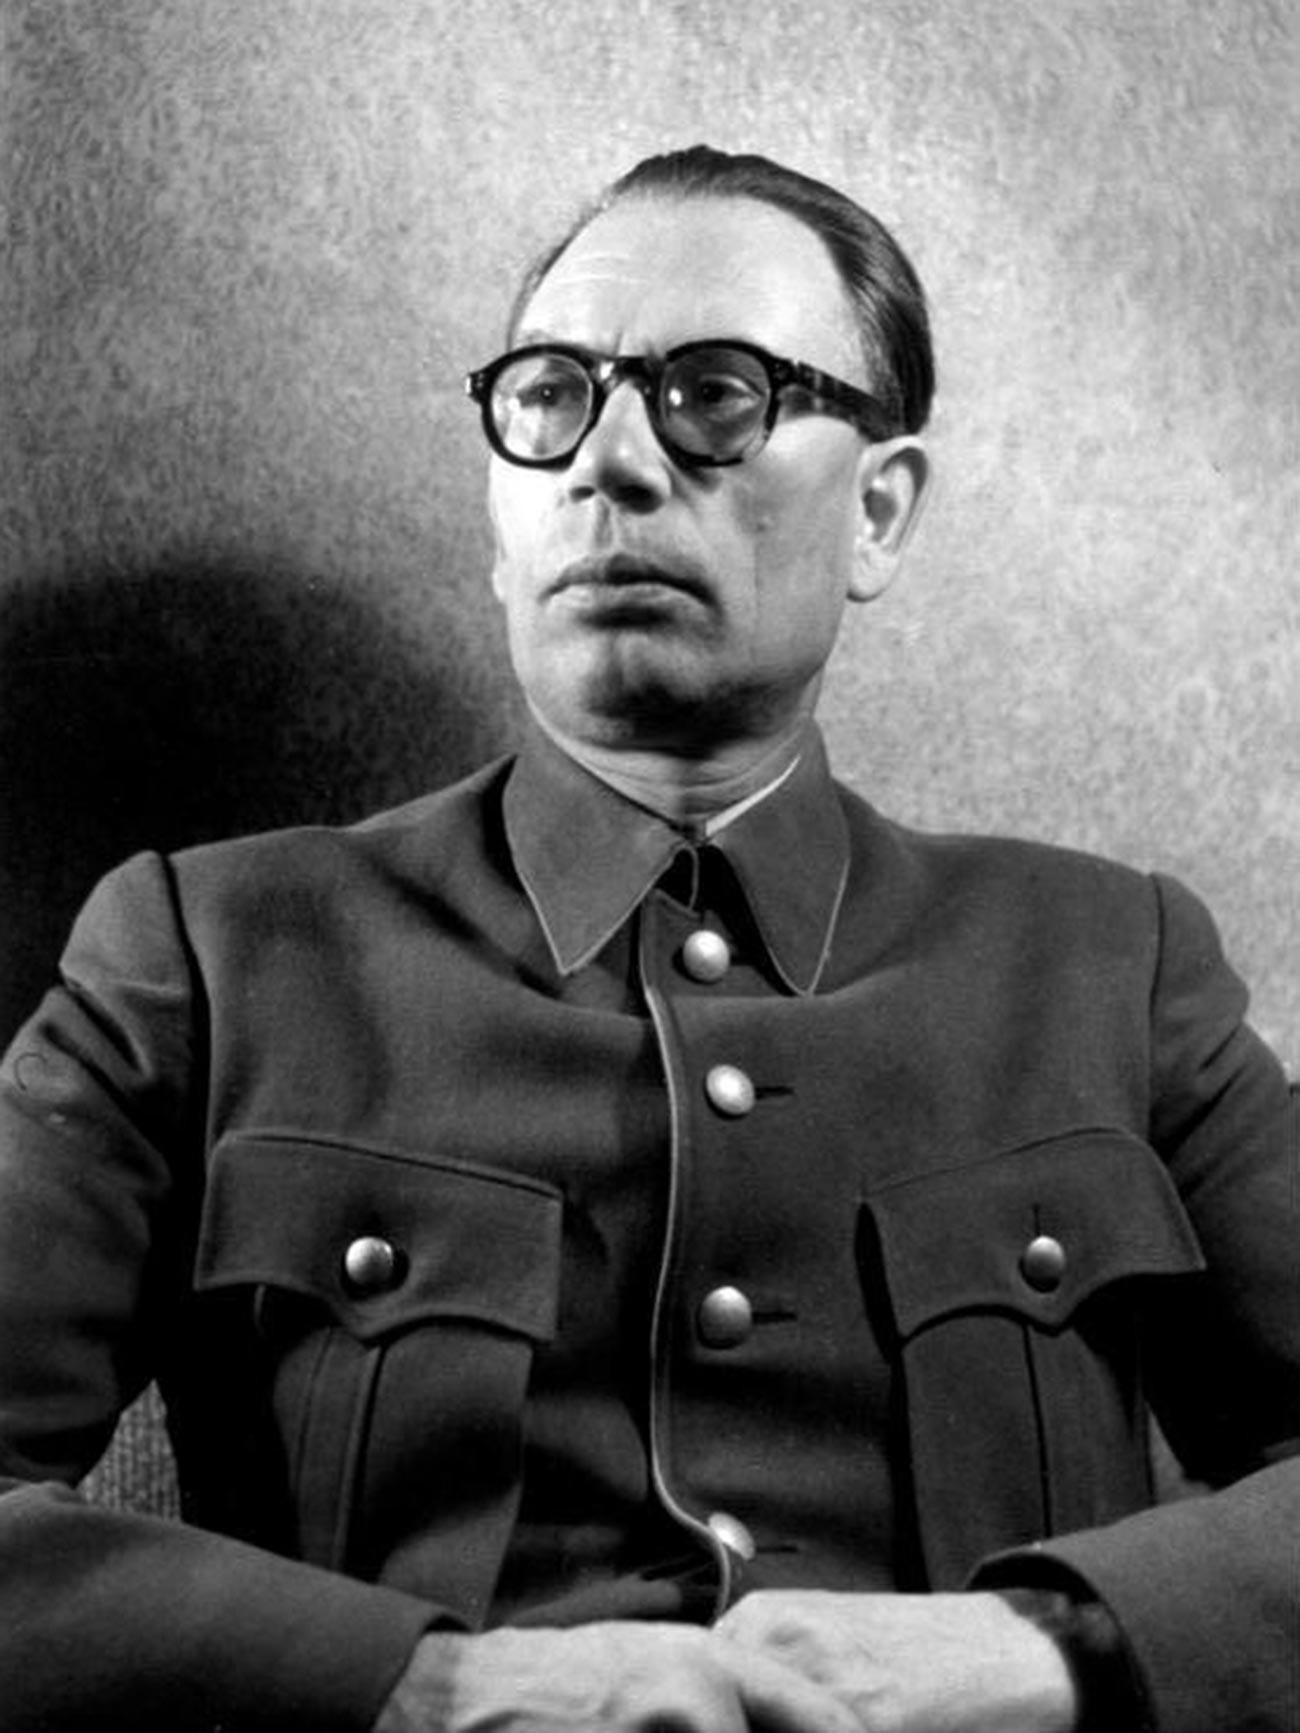 Andrei Wlassow